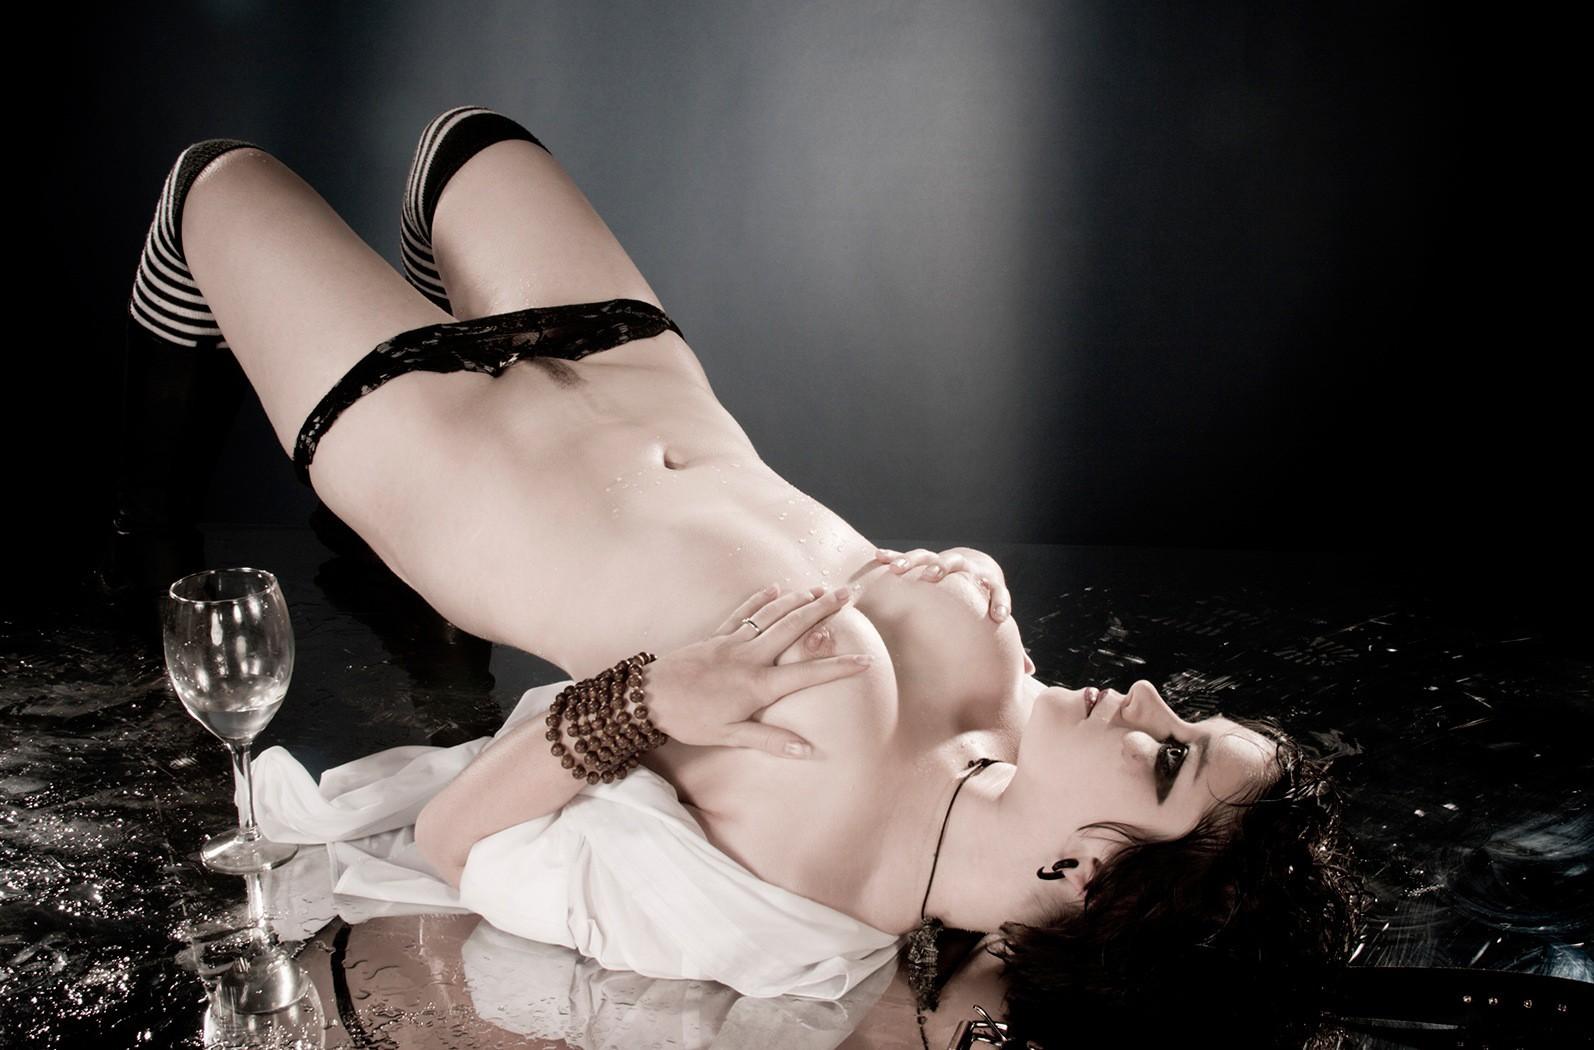 эротические фантазии фотосессия - 3